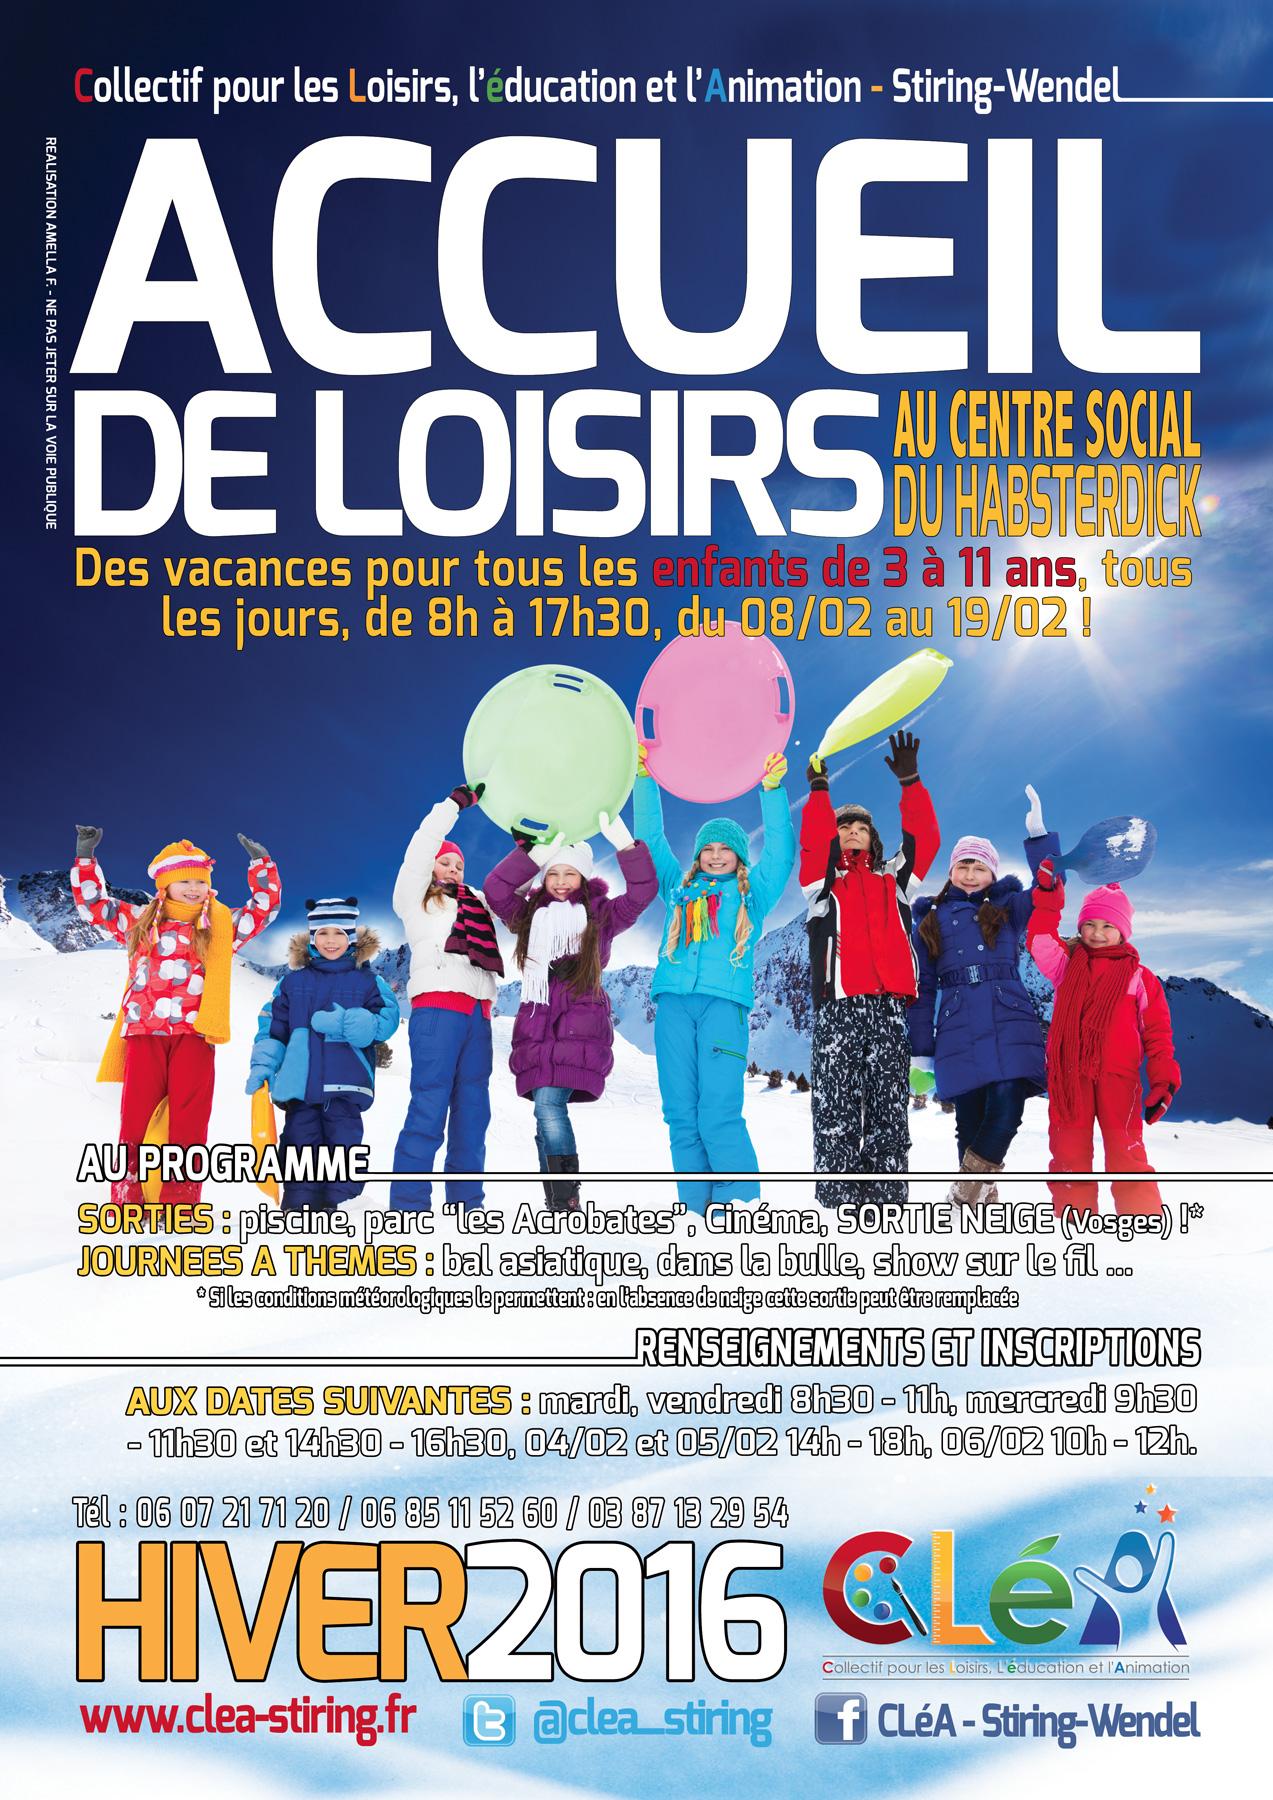 Projet p dagogique accueil de loisirs hiver 2016 cl a collectif pour les loisirs l - Jour de l hiver 2016 ...